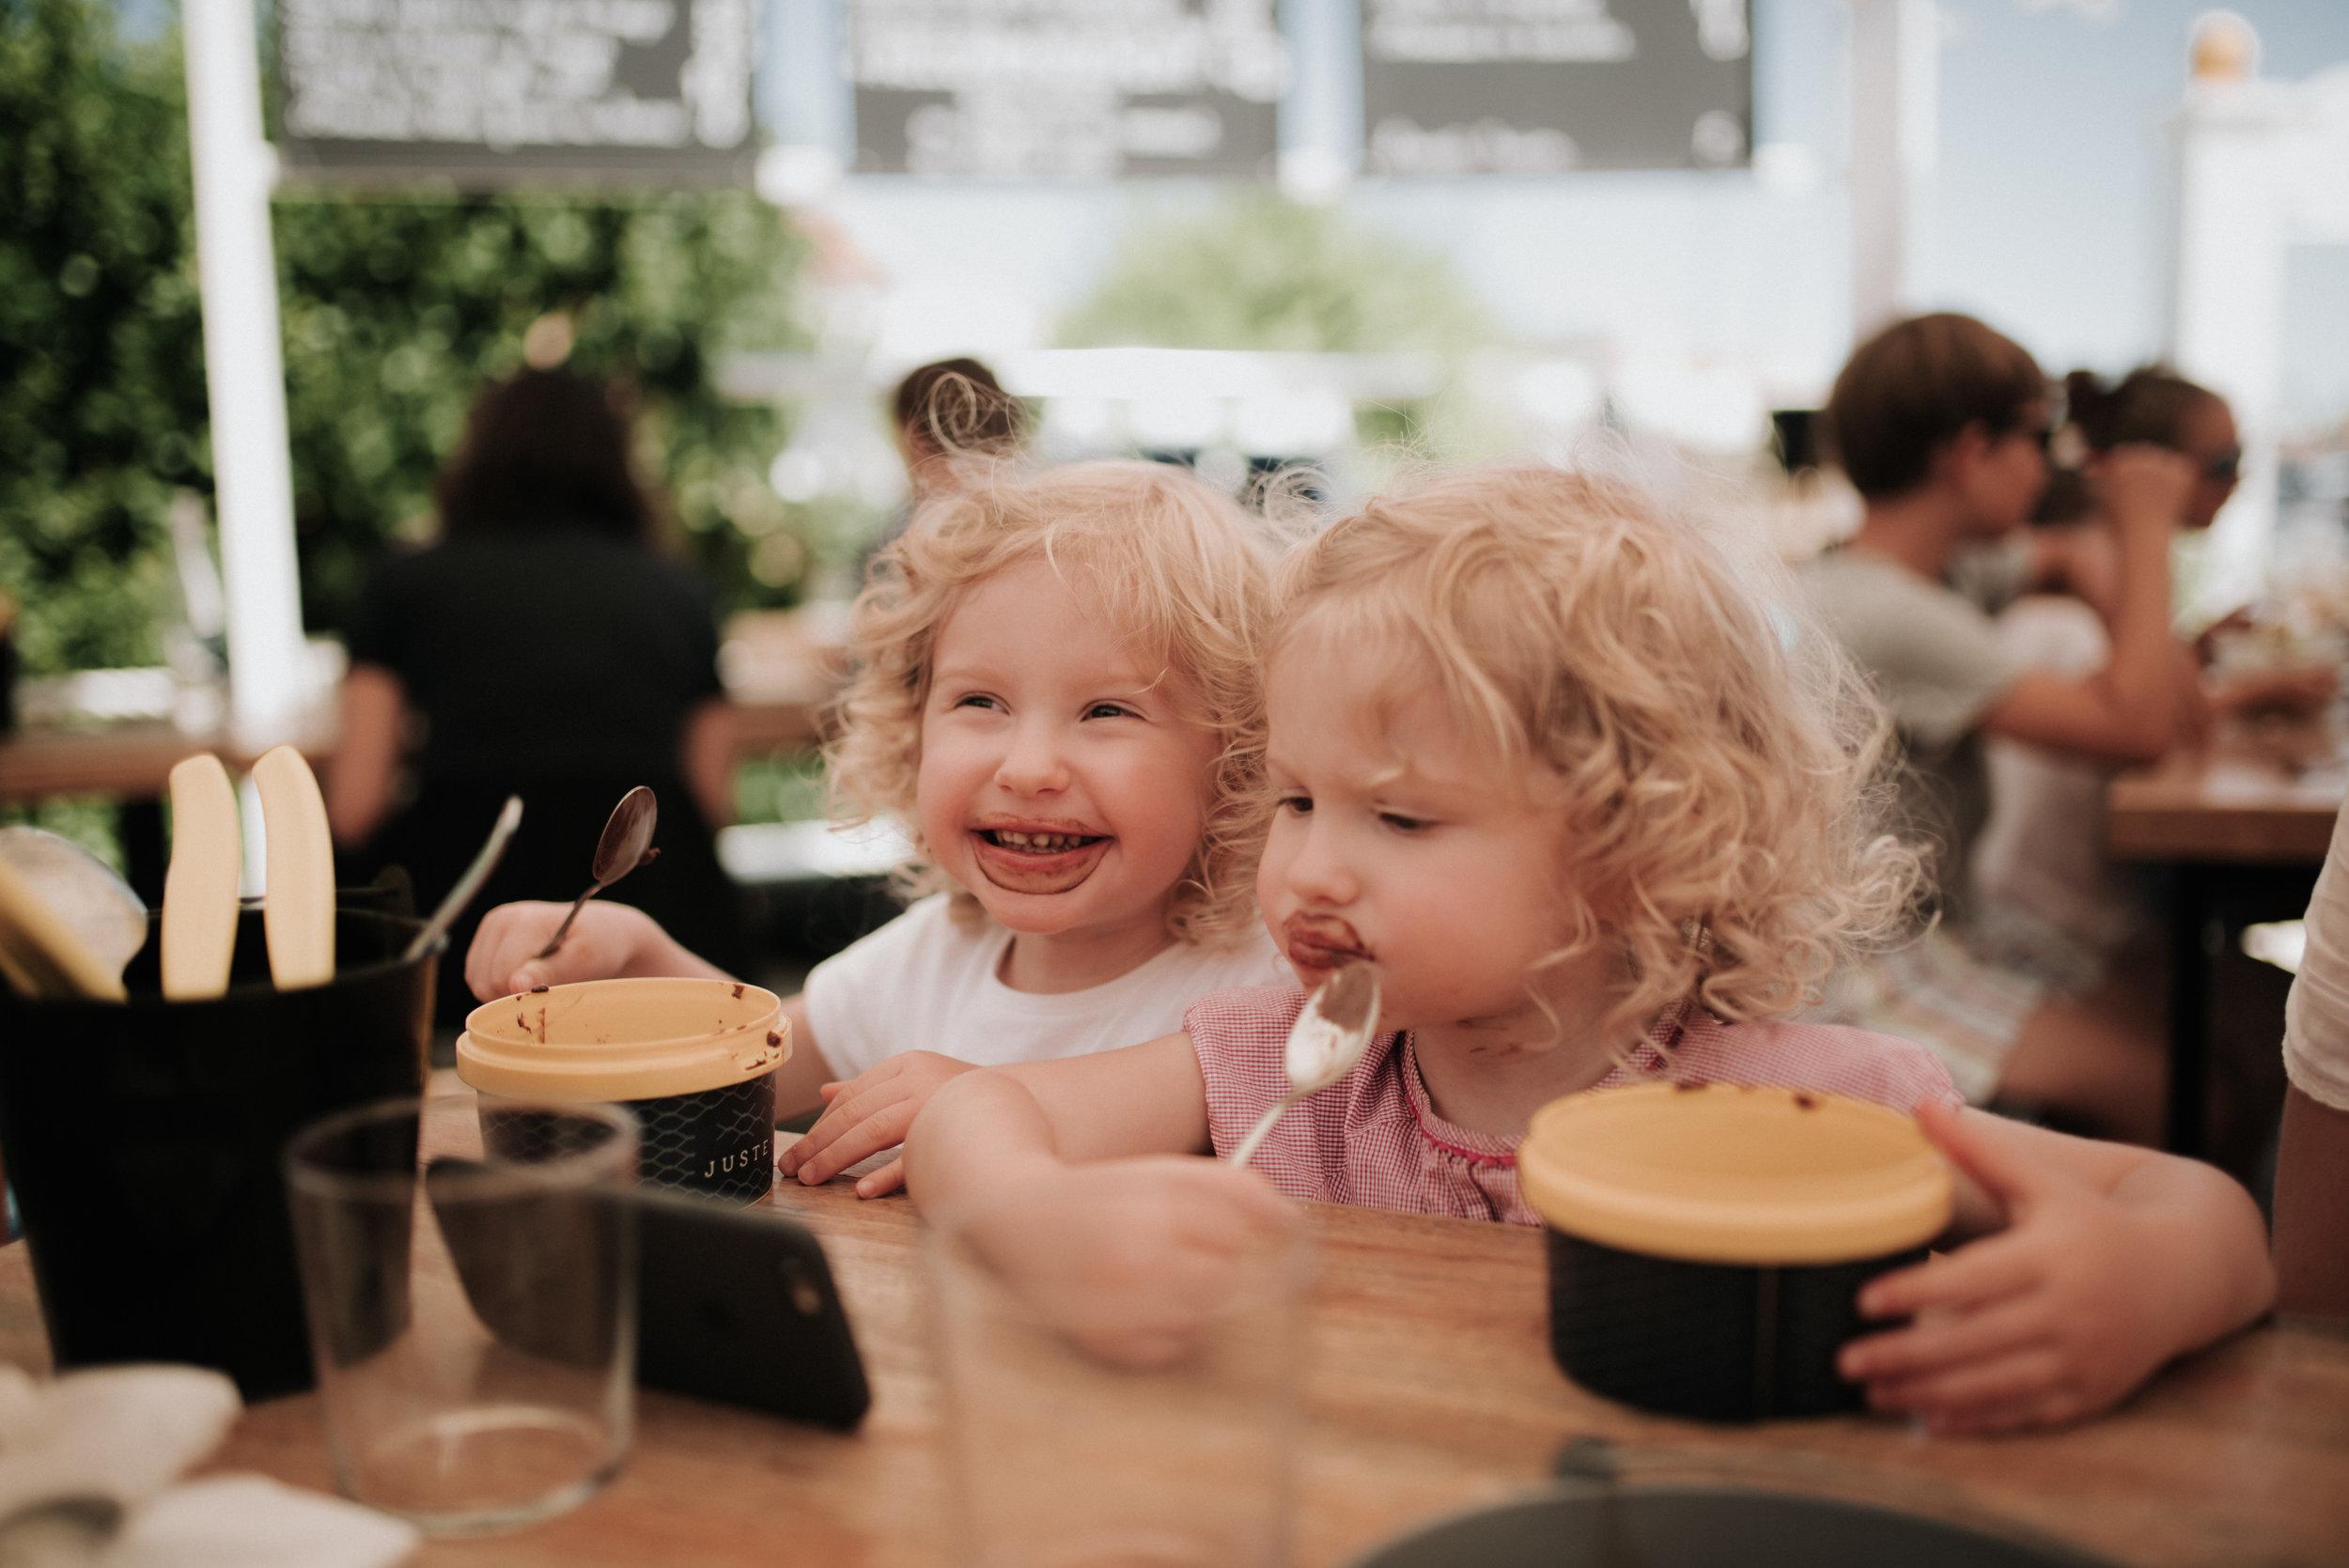 Léa-Fery-photographe-professionnel-lyon-rhone-alpes-portrait-creation-mariage-evenement-evenementiel-famille-2855.jpg